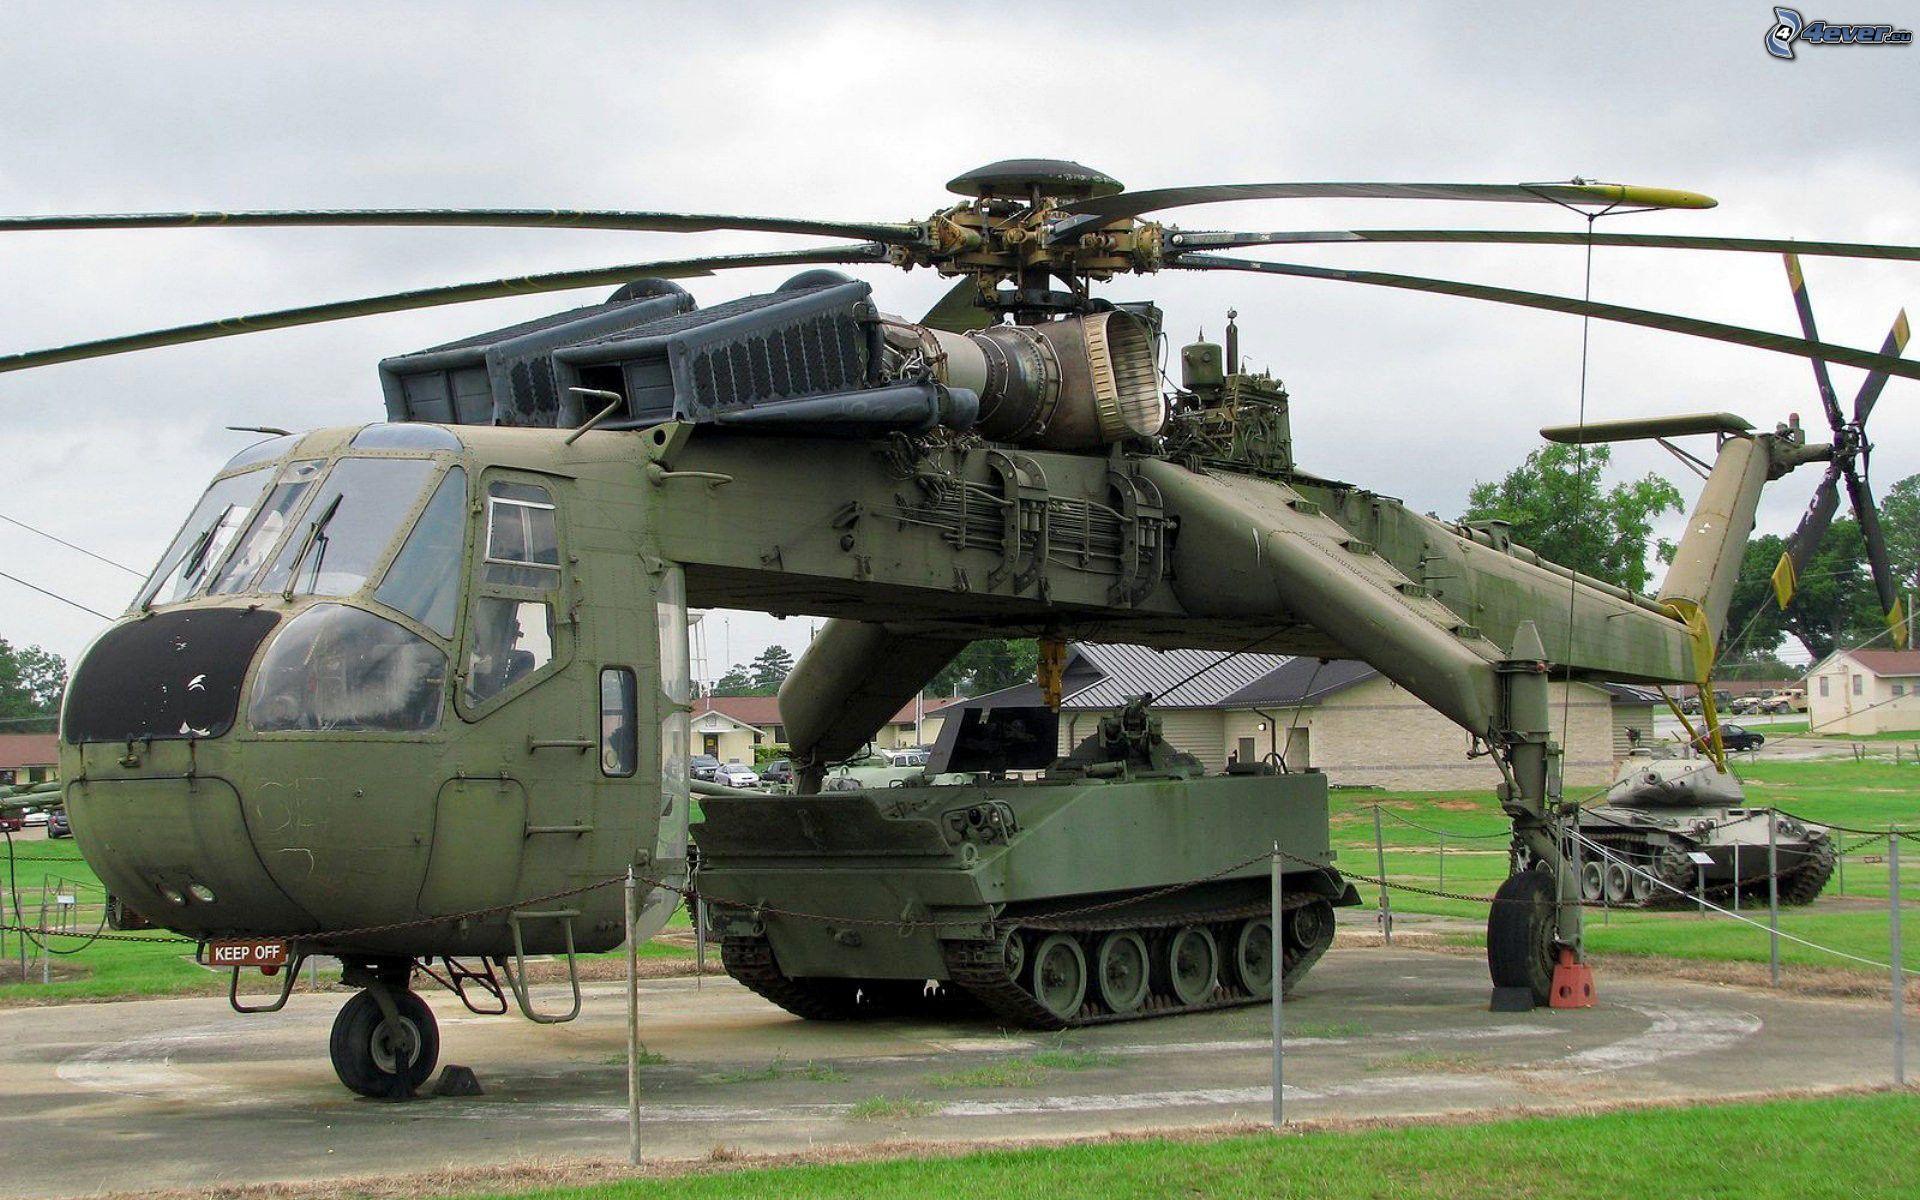 Elicottero Militare : Elicottero militare